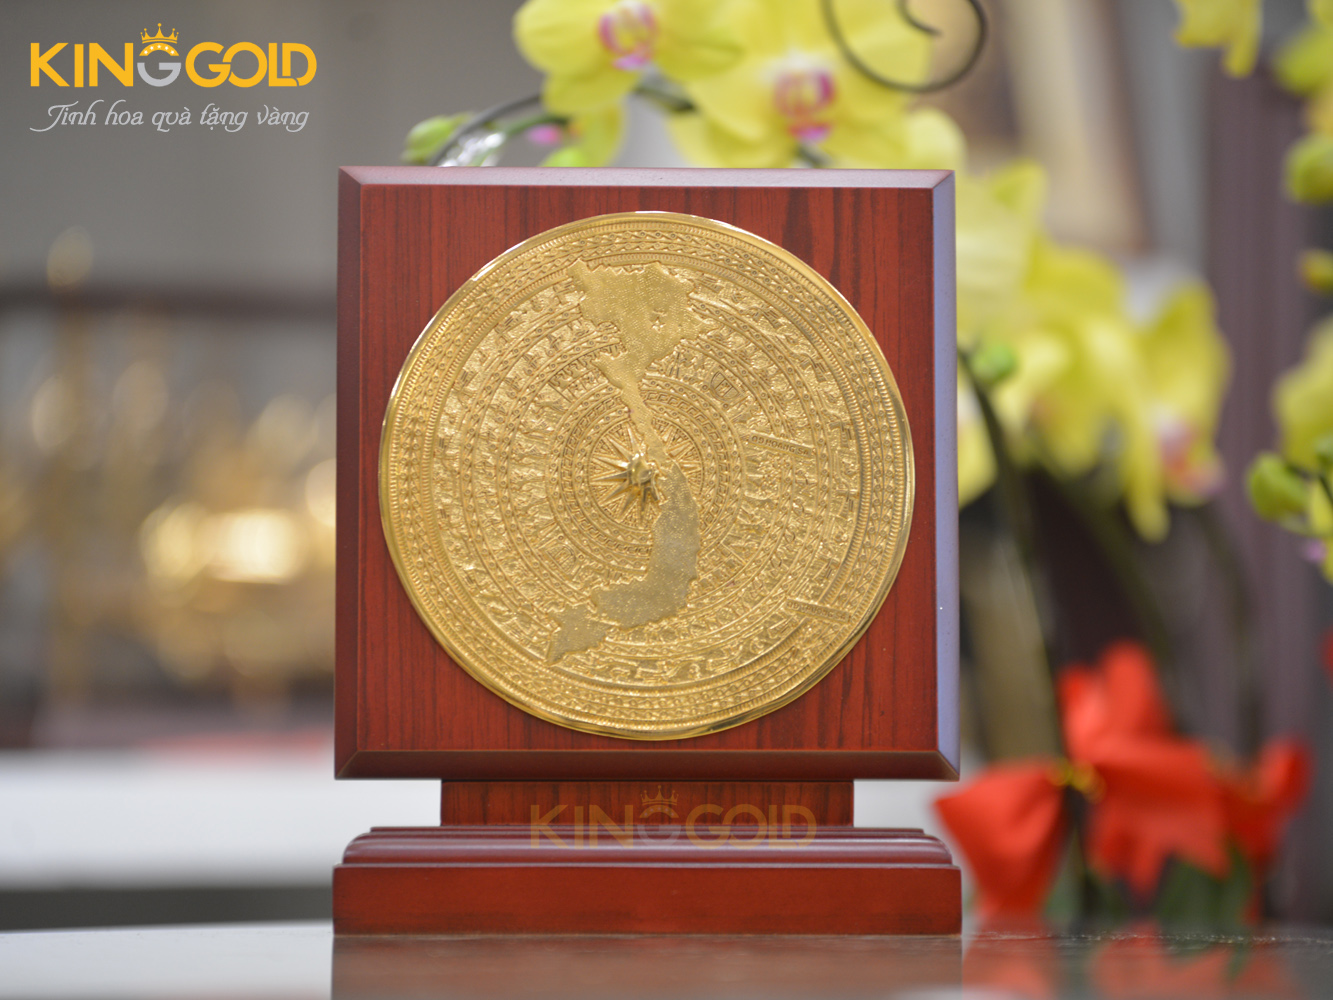 Quà tặng đại hội. Biểu trưng mặt trống đồng mạ vàng 24k sang trọng